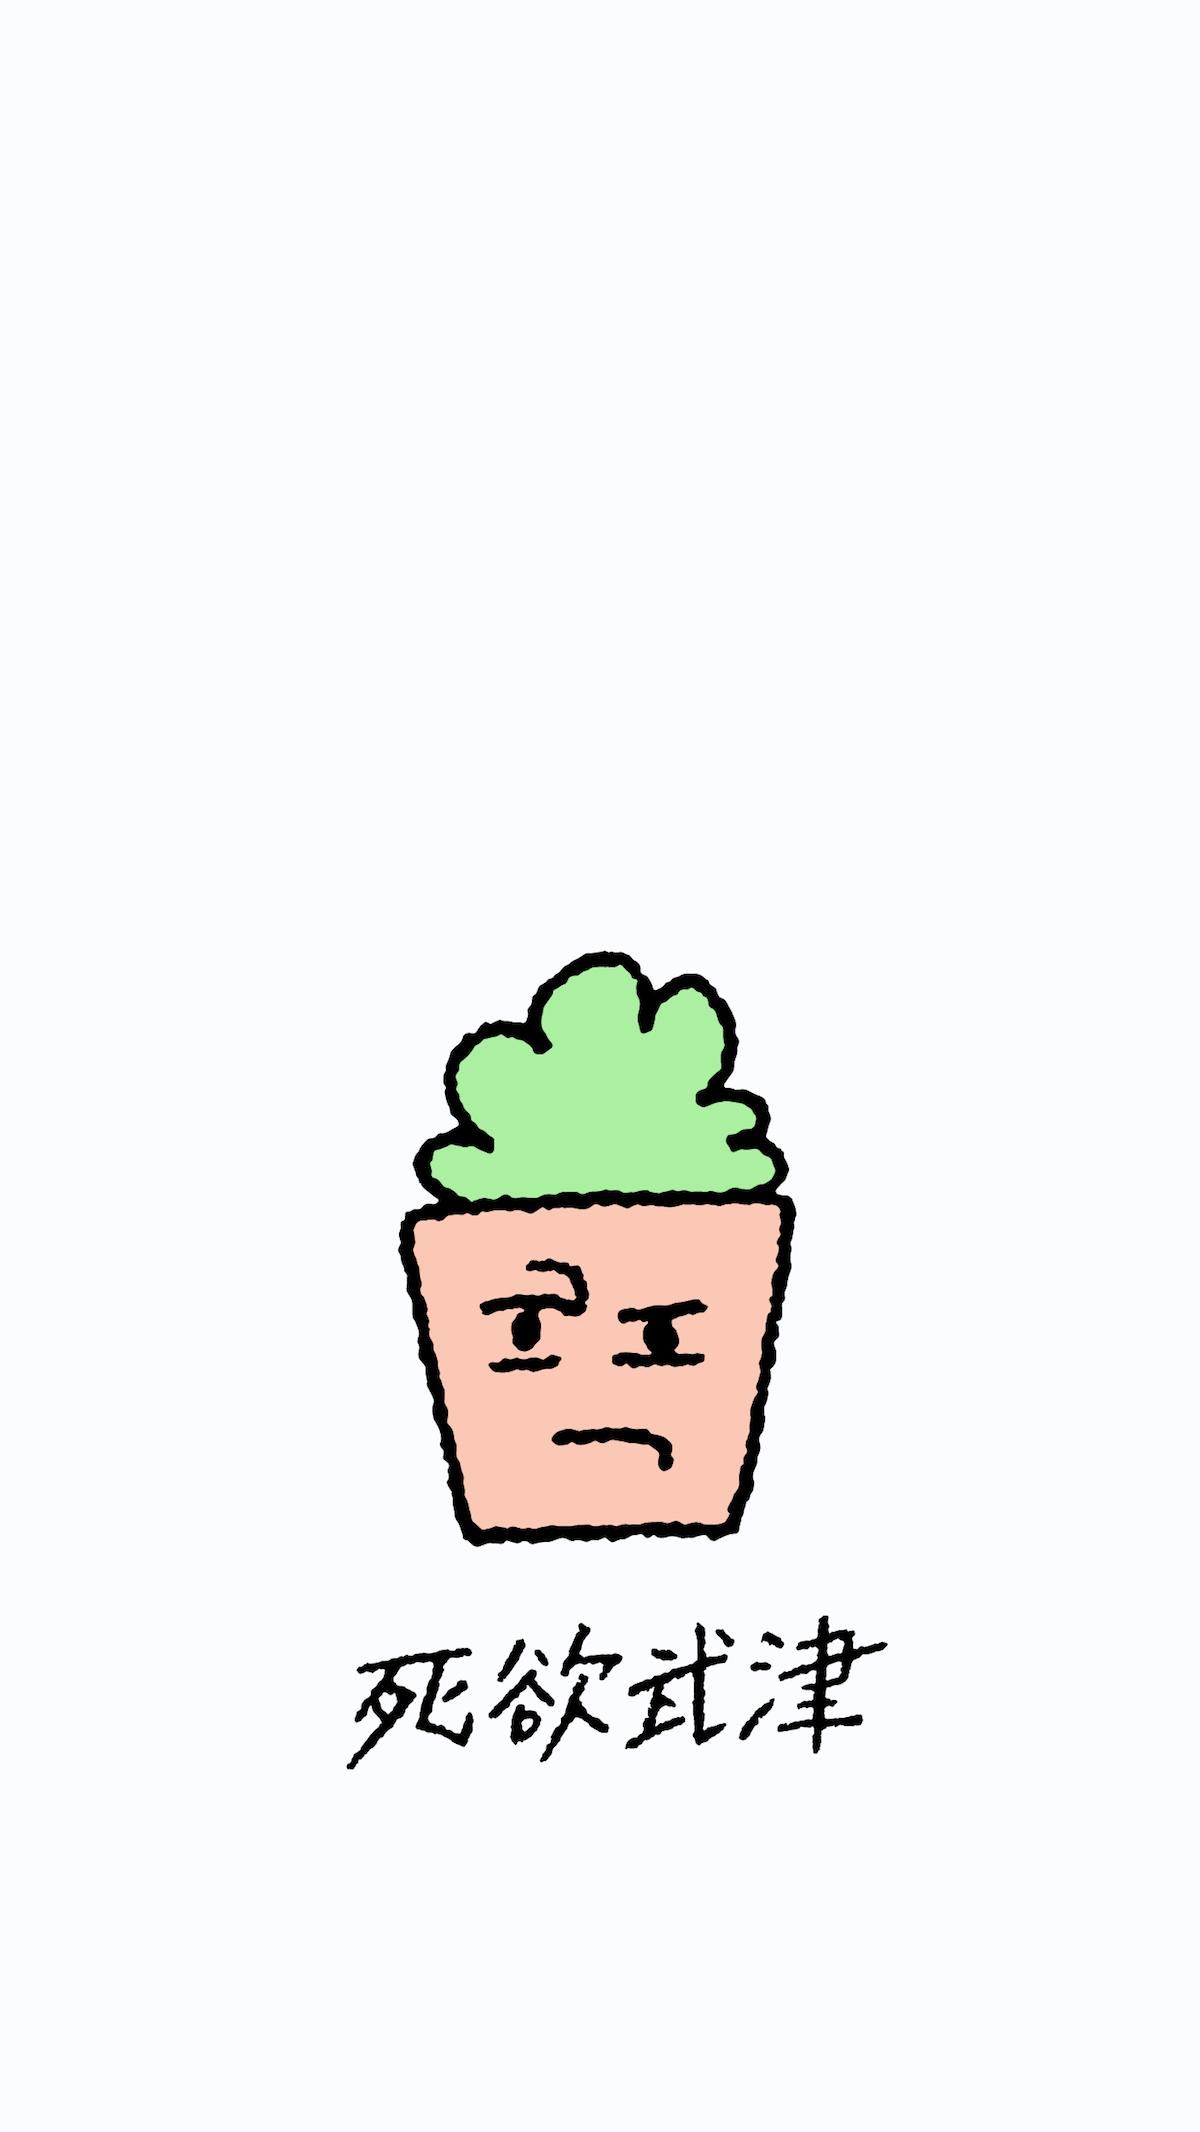 岡口房雄「もさもさ模索中」第4回